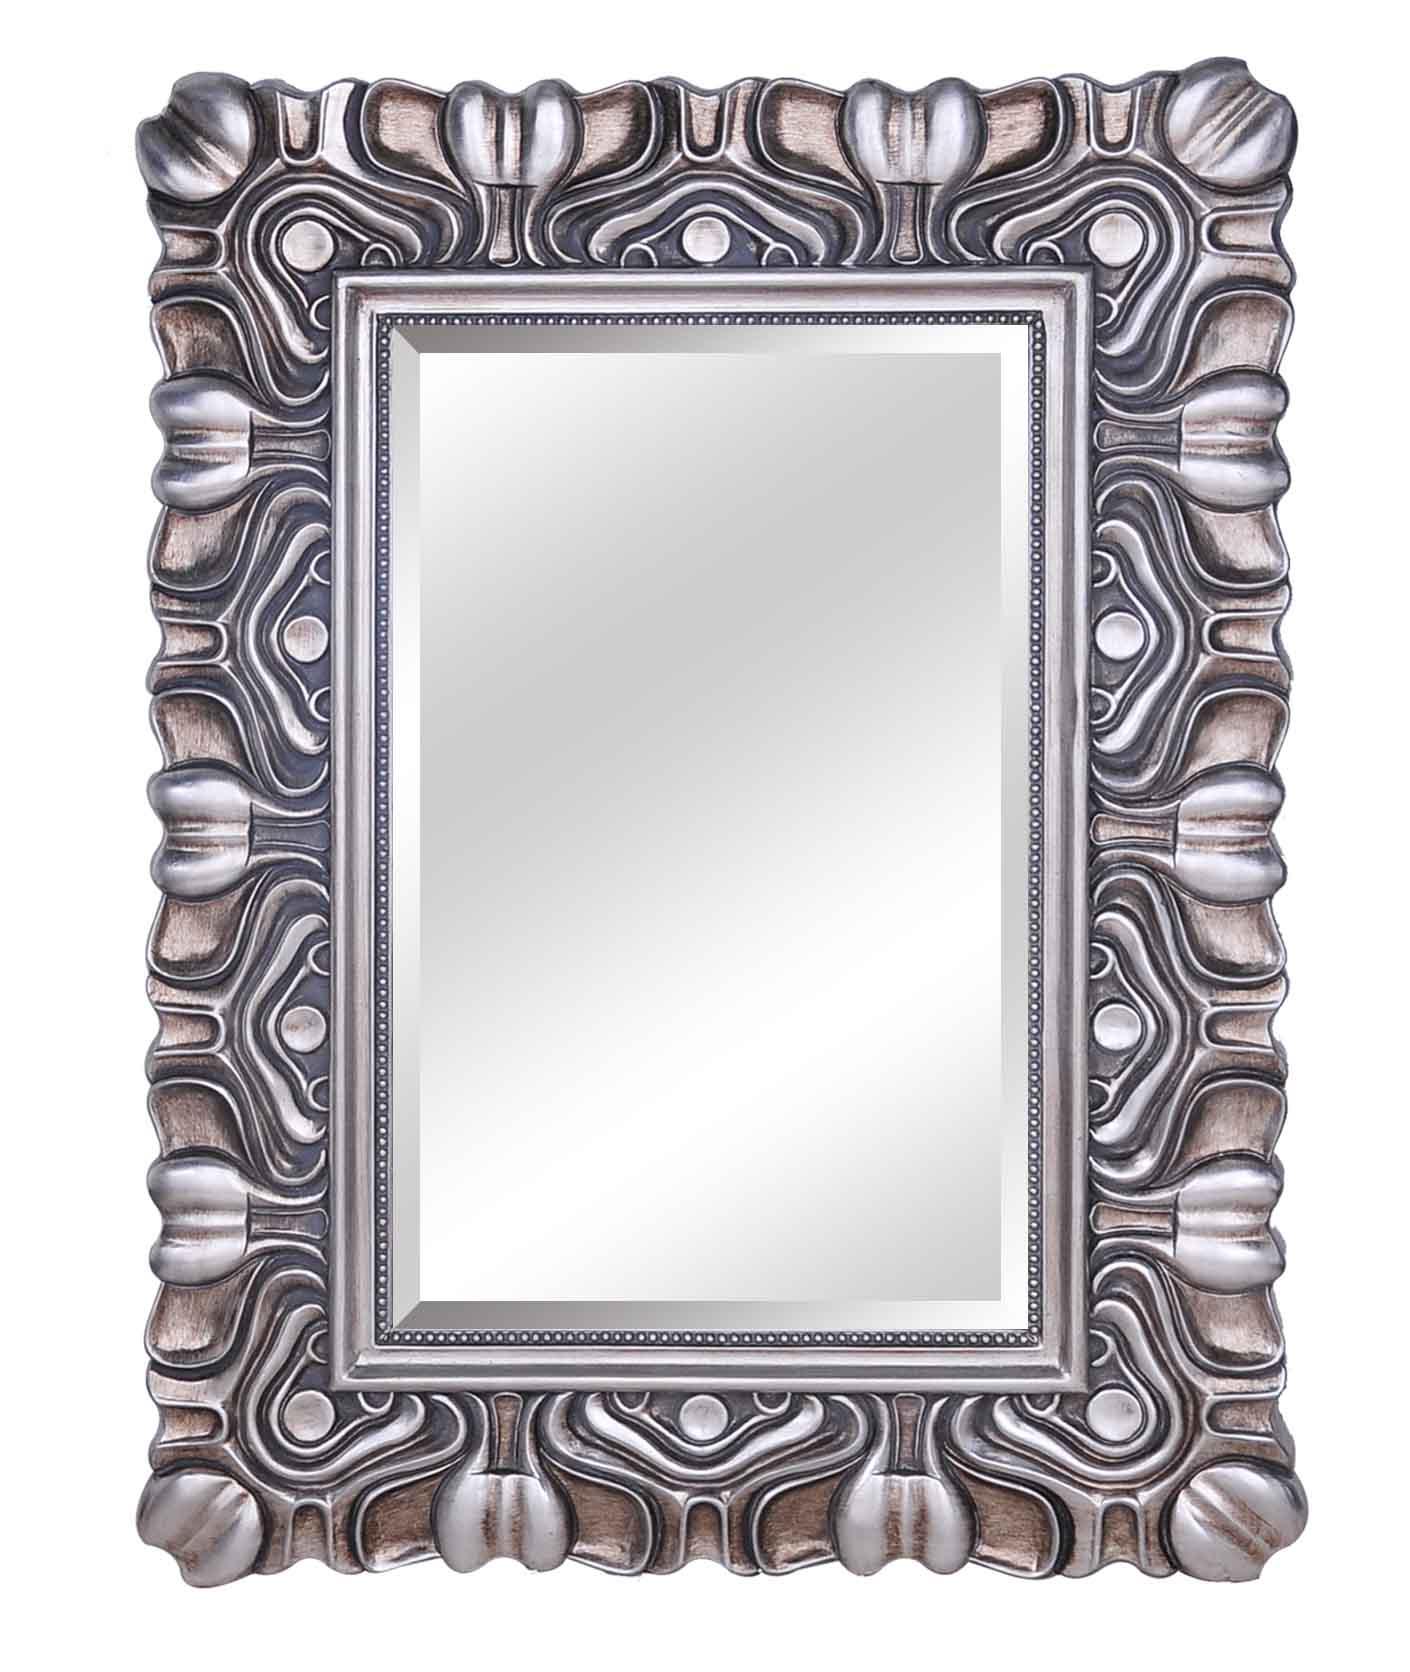 saln de belleza espejo moderno enmarcado espejo elegante espejo de pared buy product on alibabacom